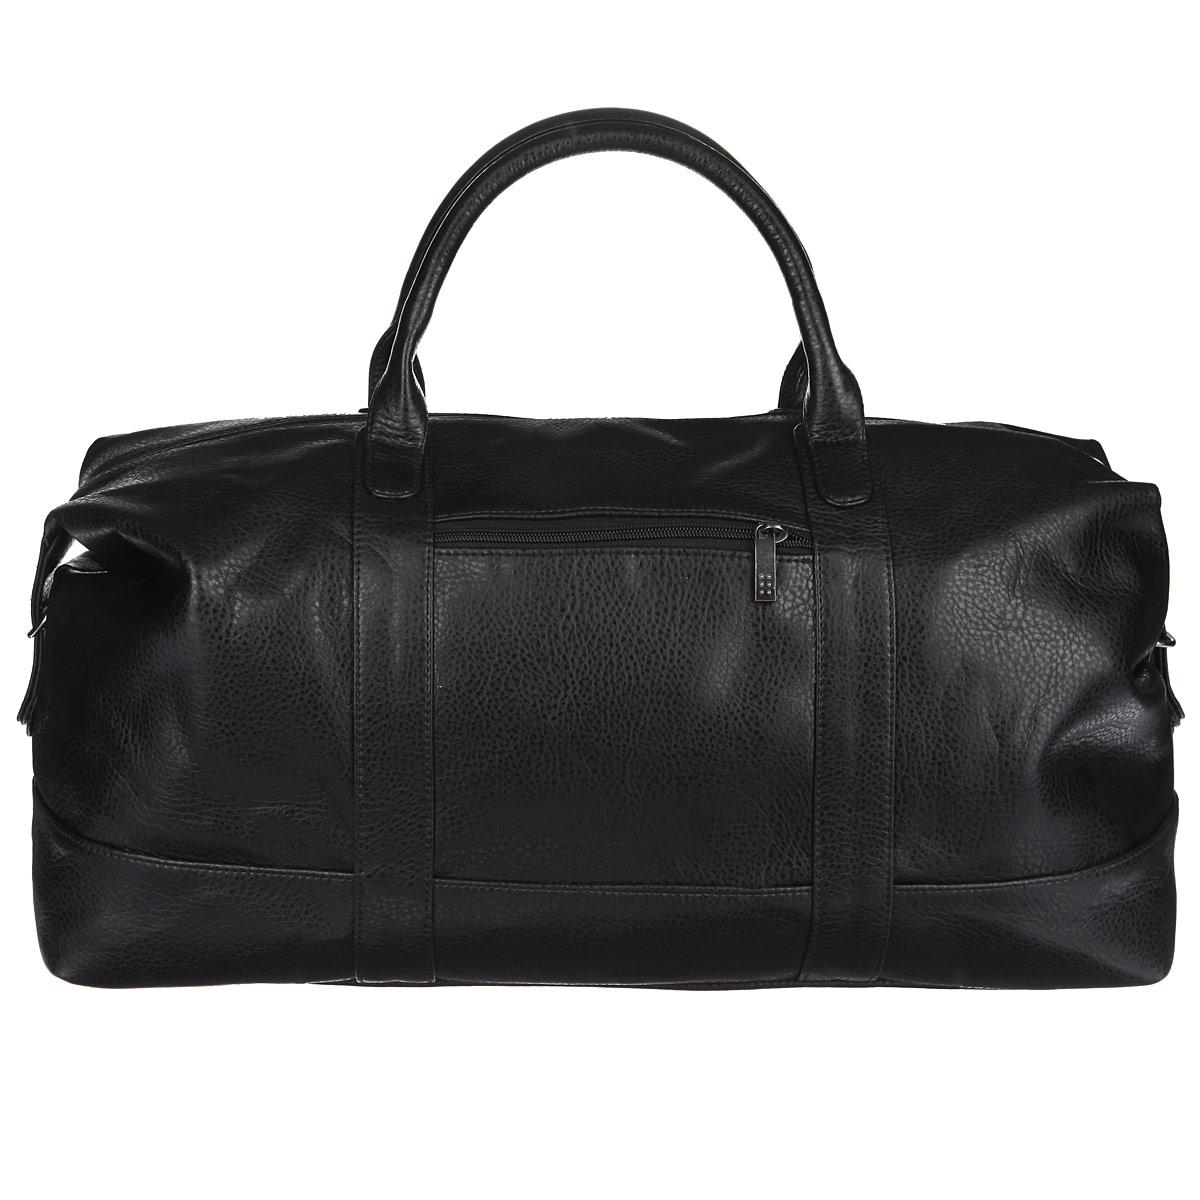 Сумка дорожная Antan, цвет: черный. 2-229 В2-229 ВВместительная дорожная сумка Antan выполнена из искусственной кожи с фактурной поверхностью. Ручки-жгуты прочно крепятся к корпусу сумки. Сумка имеет одно отделение, закрывающееся на застежку-молнию. Внутри - врезной карман на застежке-молнии. С внешней стороны на передней стенке сумки предусмотрен дополнительный карман на молнии. Сумка оснащена съемным плечевым ремнем регулируемой длины. Дно дополнено пластиковыми ножками, защищающими изделие от повреждений. Такая сумка будет незаменима при походе в спортзал или при дальней поездке.